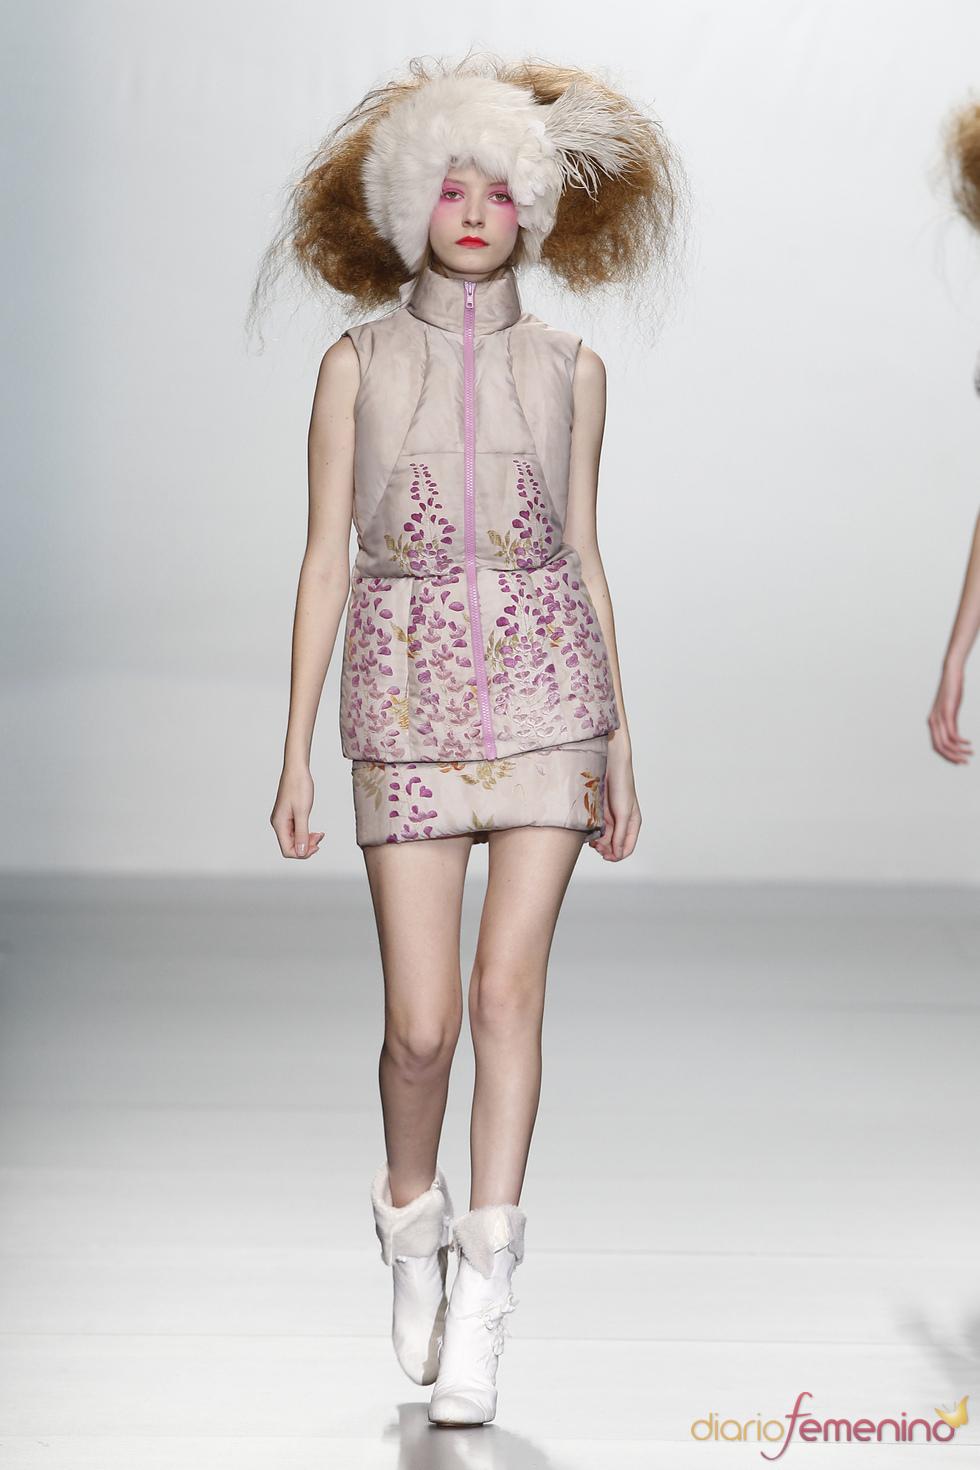 Falda y chaleco estilo plumífero. Elisa Palomino O/I 2011-12. Cibeles Madrid Fashion Week